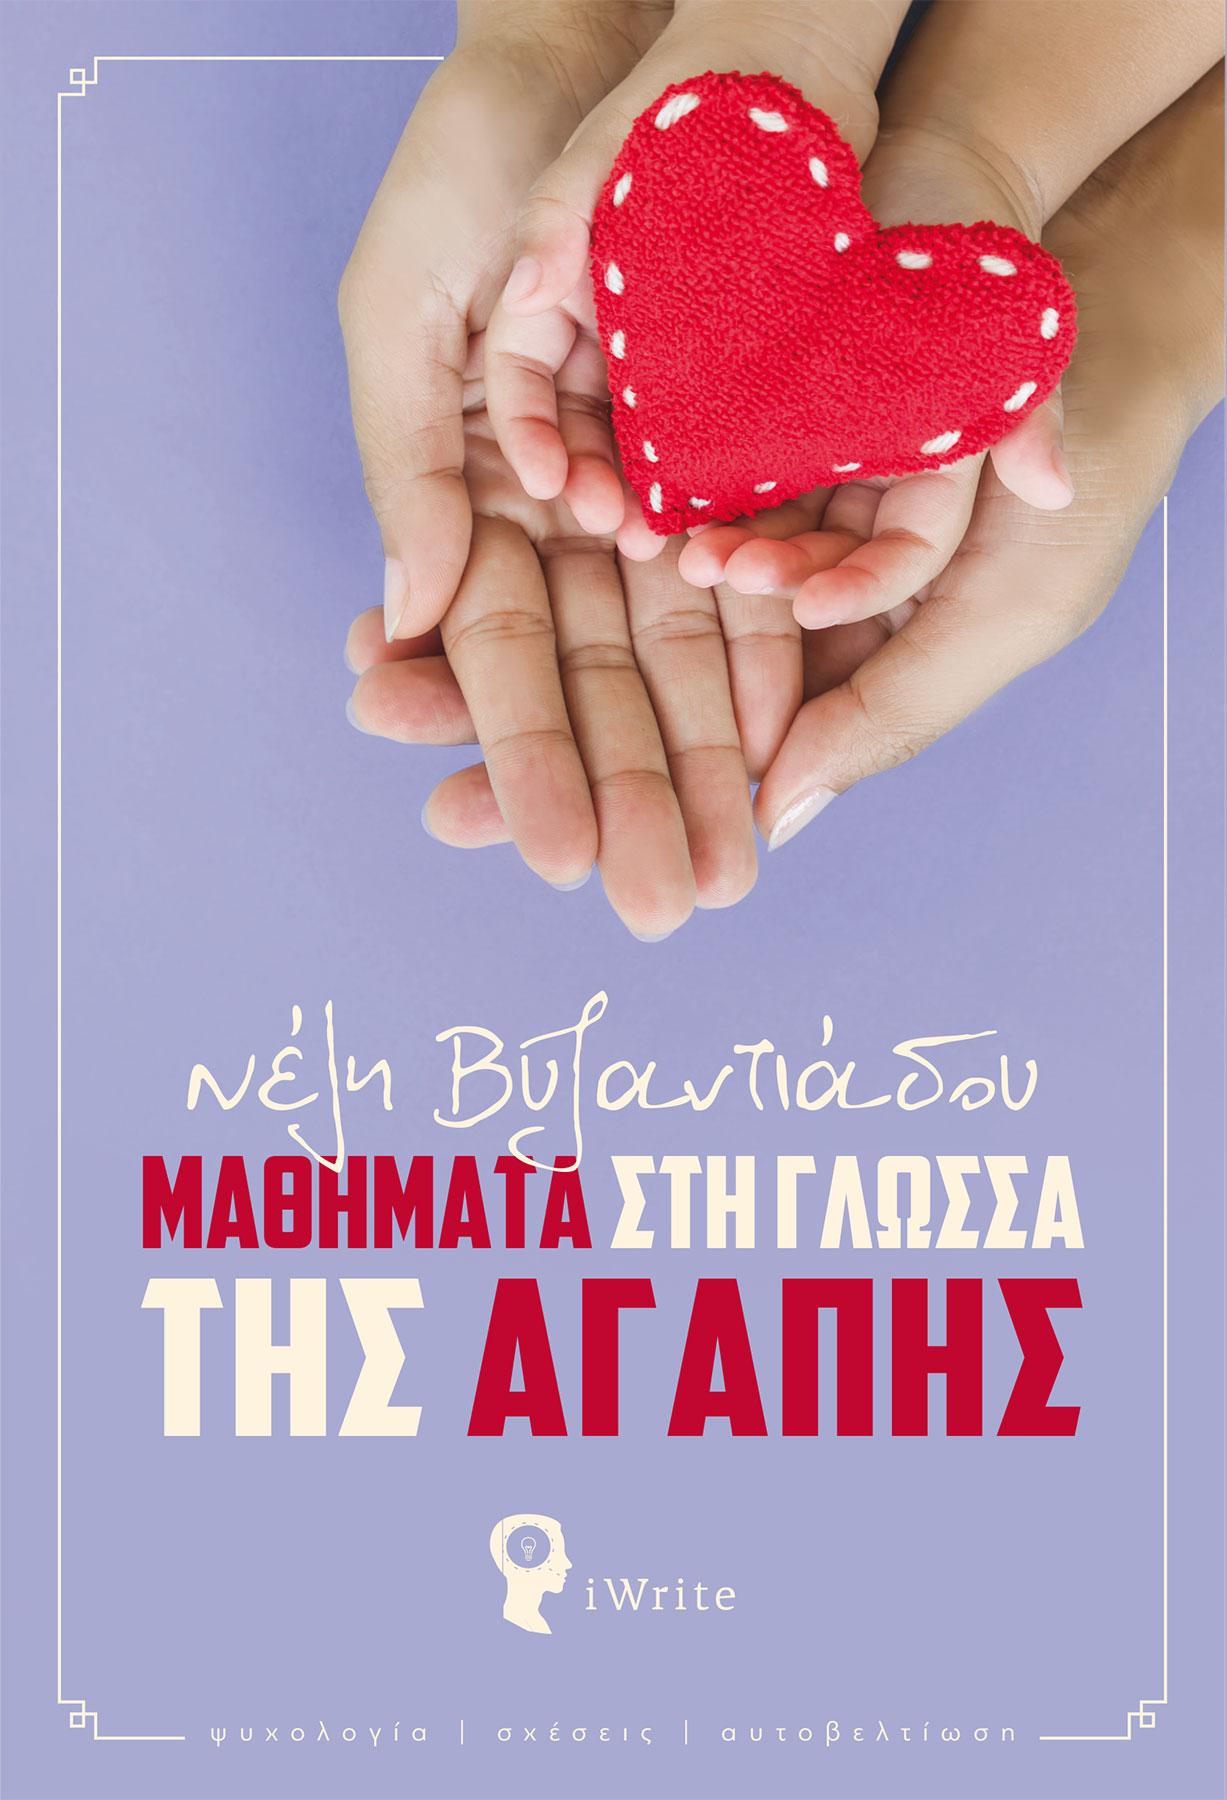 Μαθήματα στη γλώσσα της αγάπης, Νέλυ Βυζαντιάδου, Εκδόσεις iWrite - www.iWrite.gr